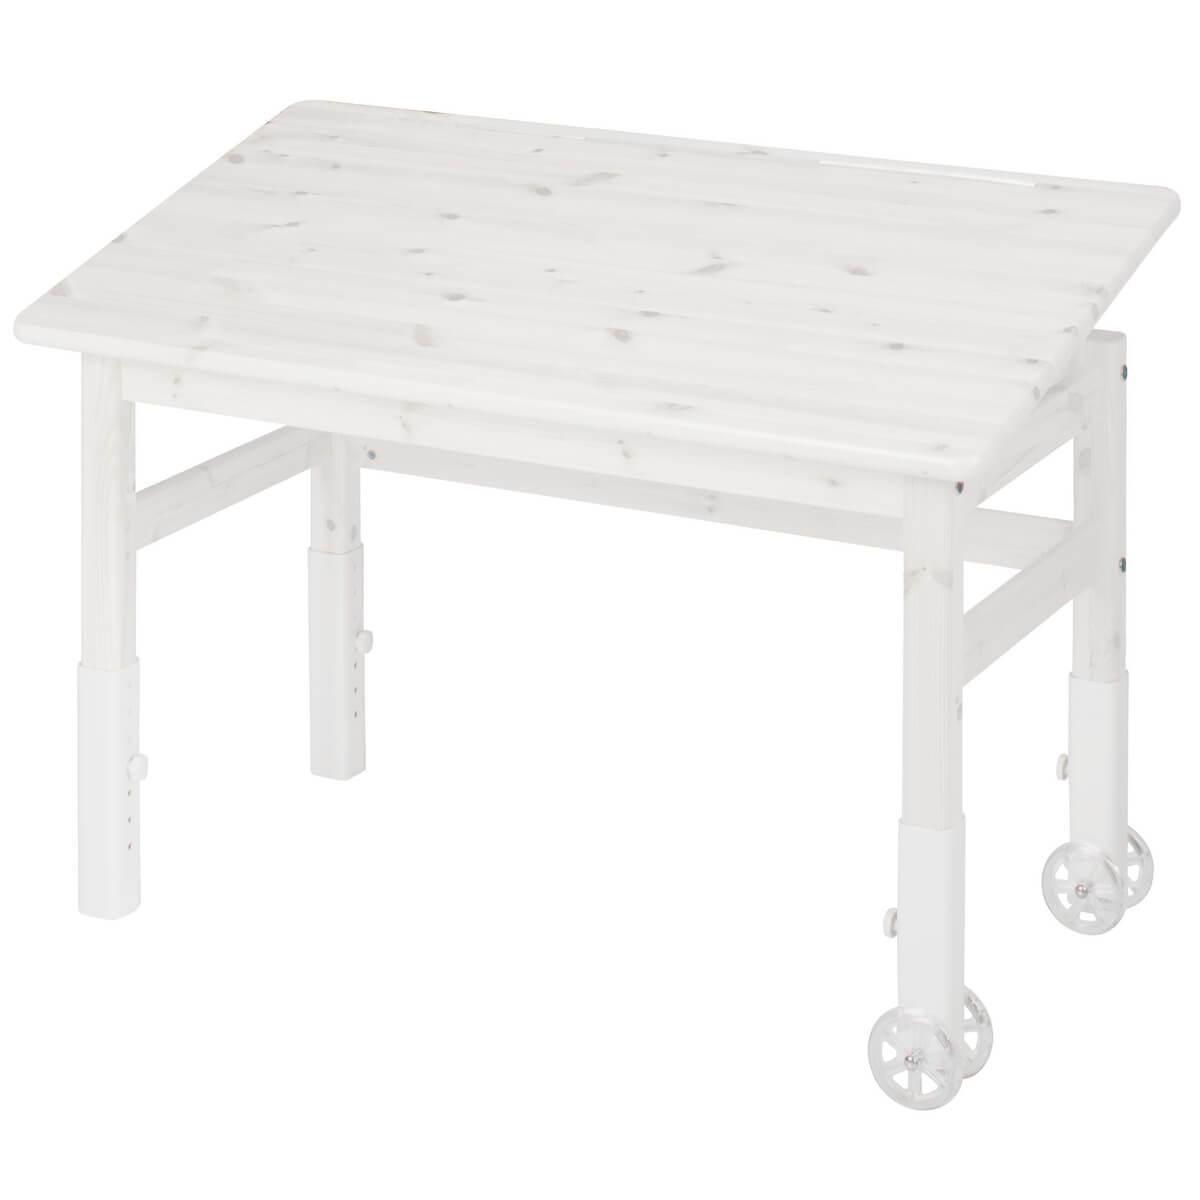 Schreibtisch mit Kippfunktion CLASSIC by Flexa whitewash